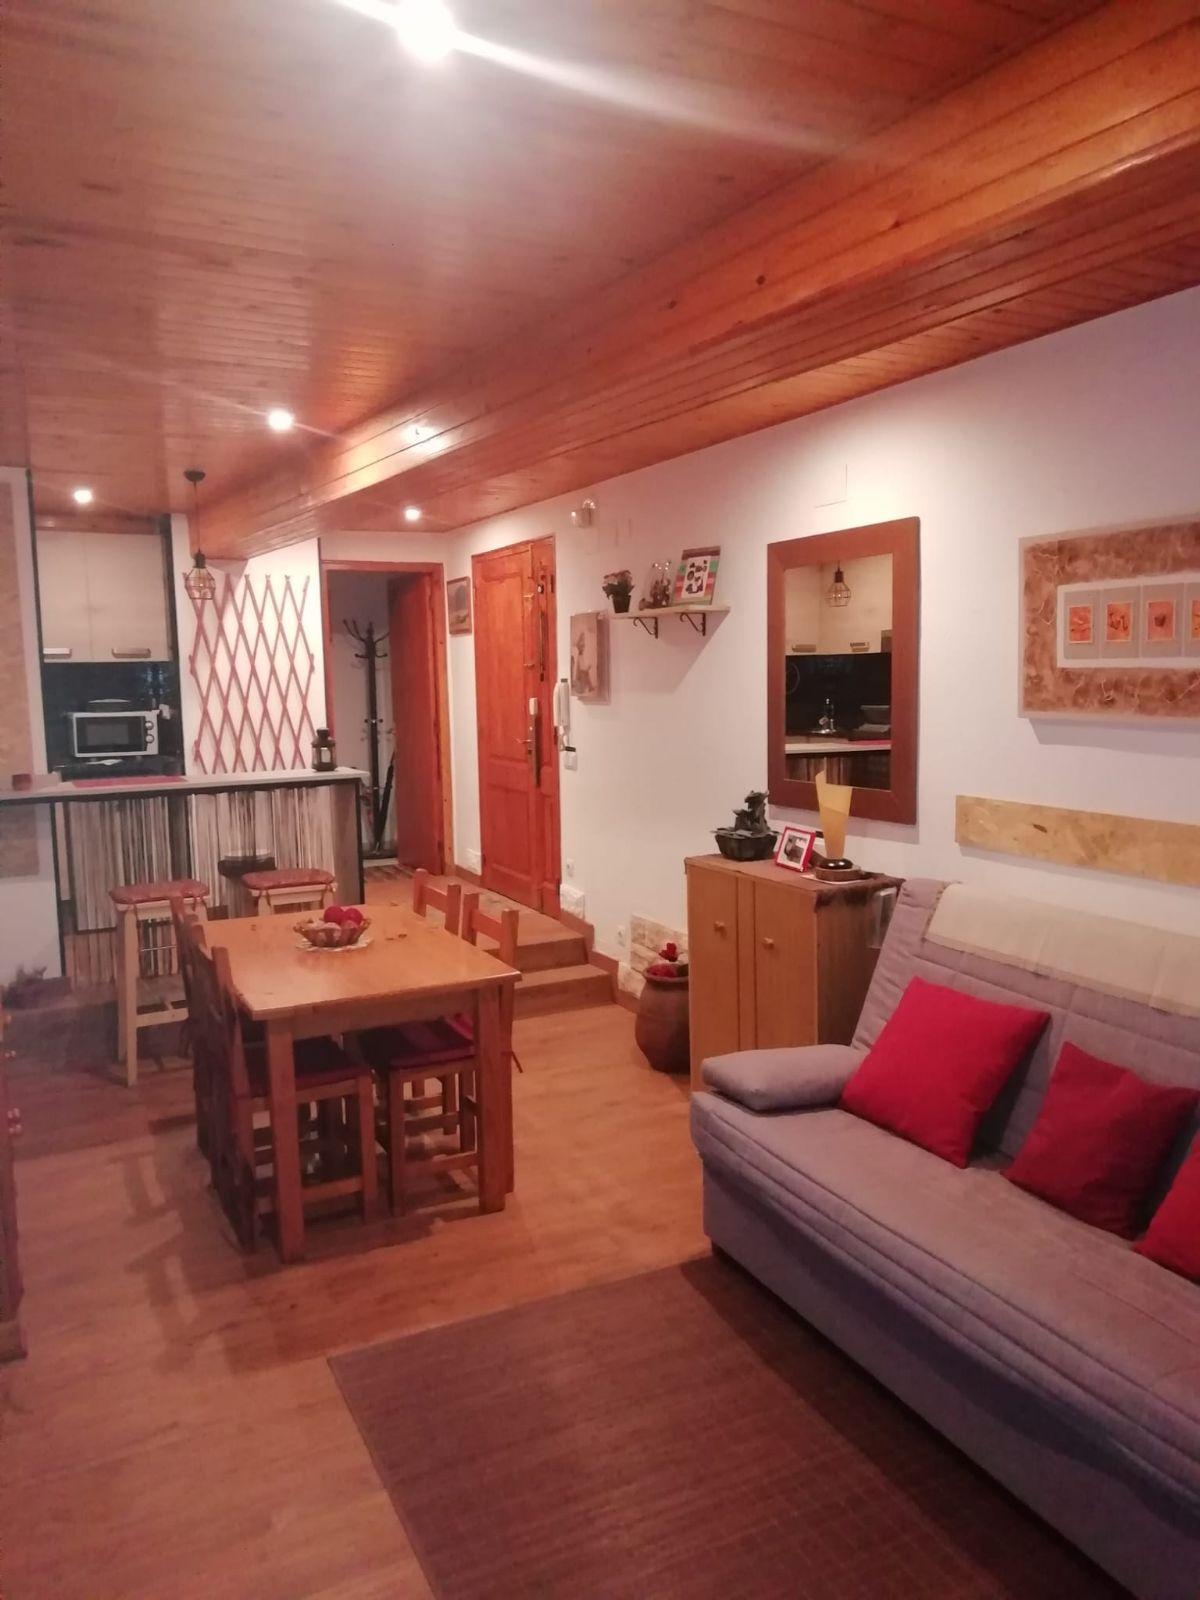 Piso en venta en Cal Rota, Berga, Barcelona, Calle Balç, 33.000 €, 30 m2